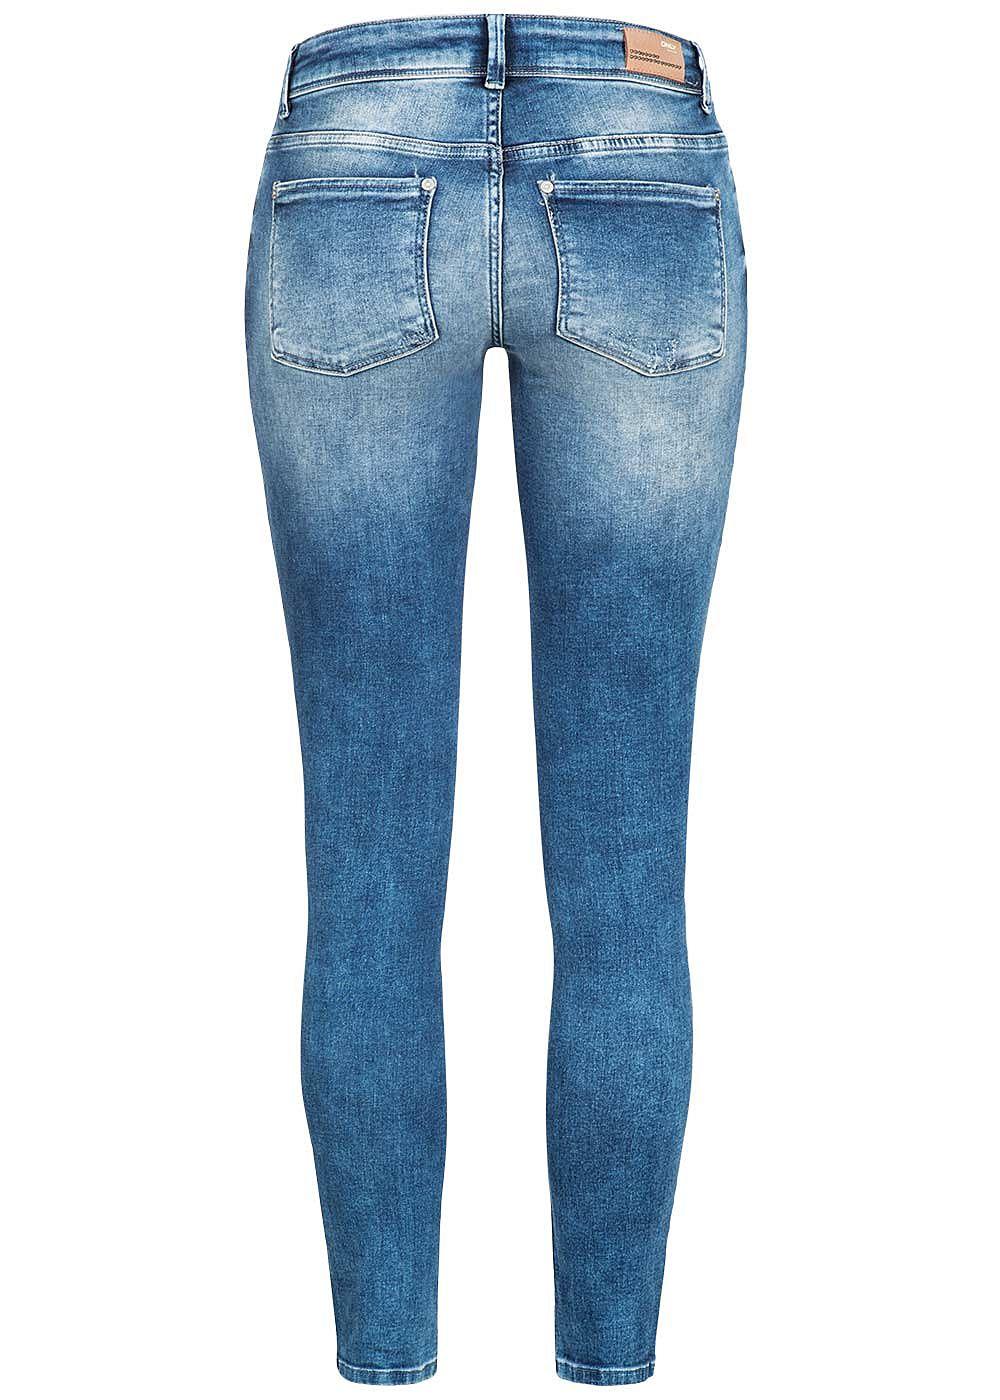 only damen skinny jeans hose 5 pockets destroy look. Black Bedroom Furniture Sets. Home Design Ideas